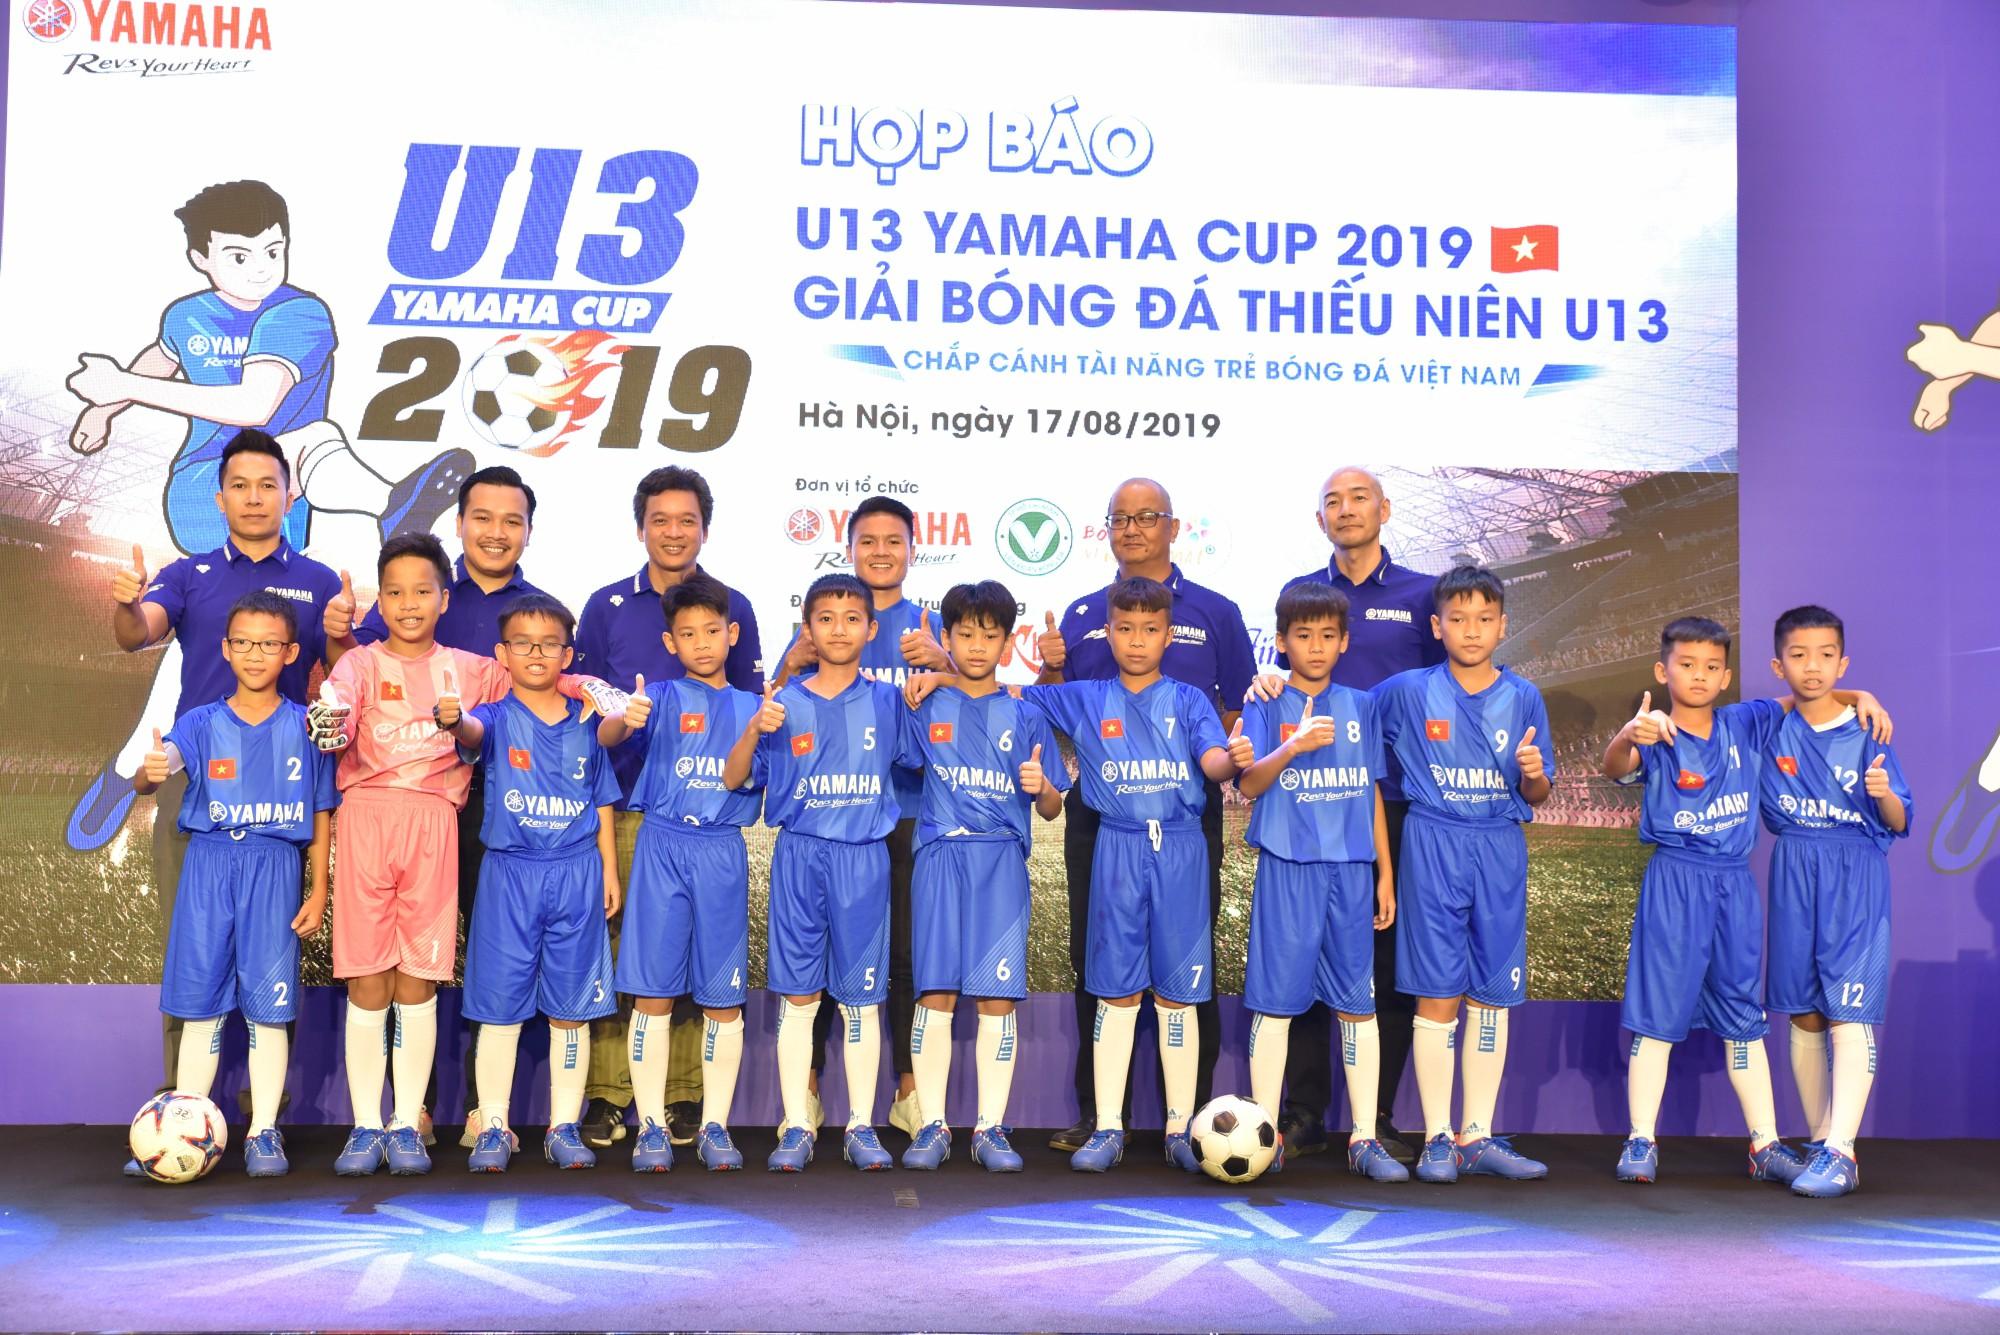 Khởi động giải bóng đá Thiếu niên U13 tìm kiếm cầu thủ tài năng trẻ - Ảnh 3.